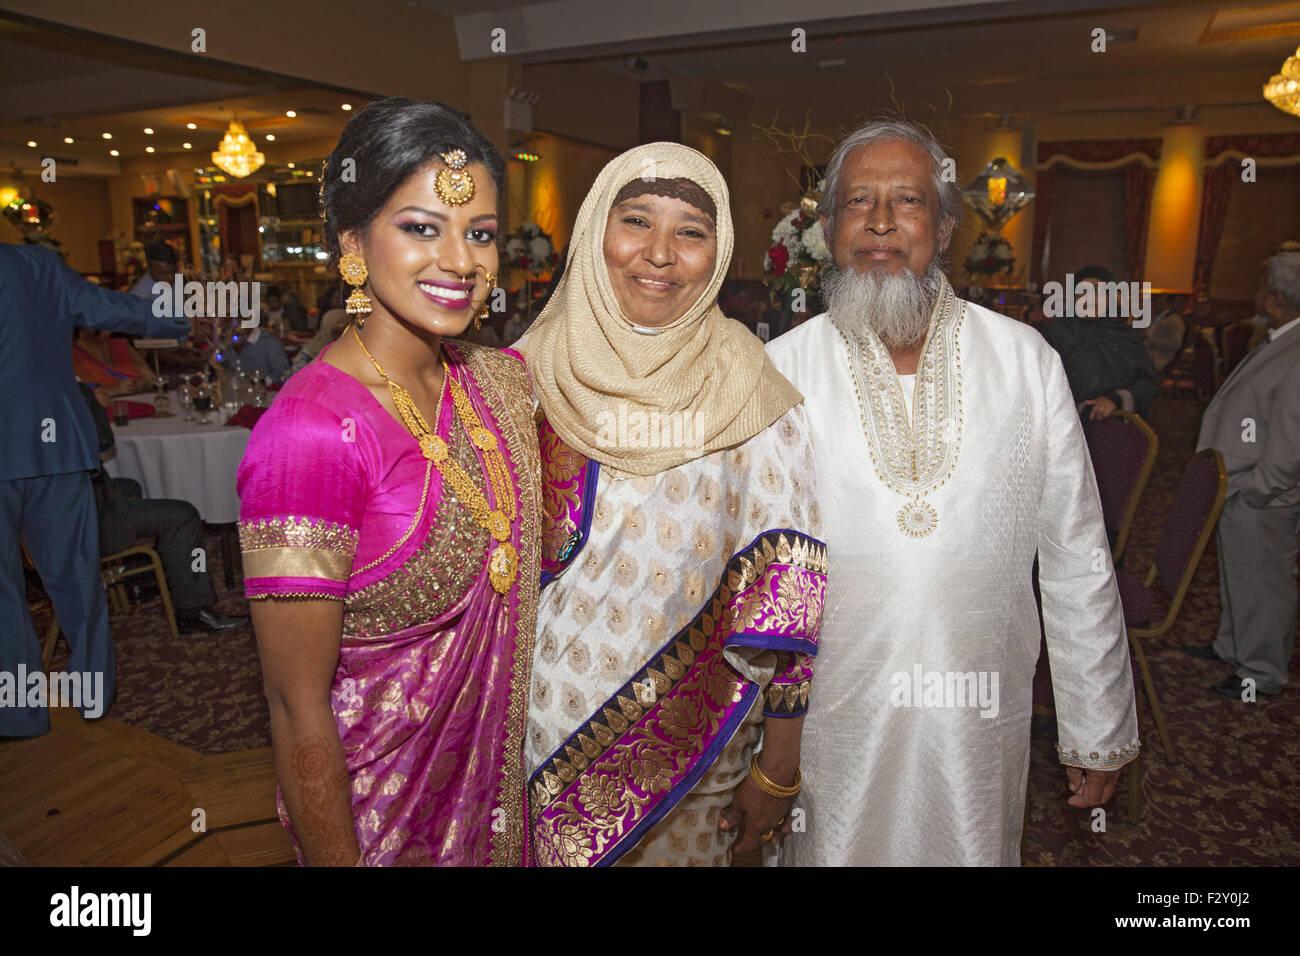 Guests at a Bangladeshi Muslim wedding reception, Brooklyn, NY. - Stock Image